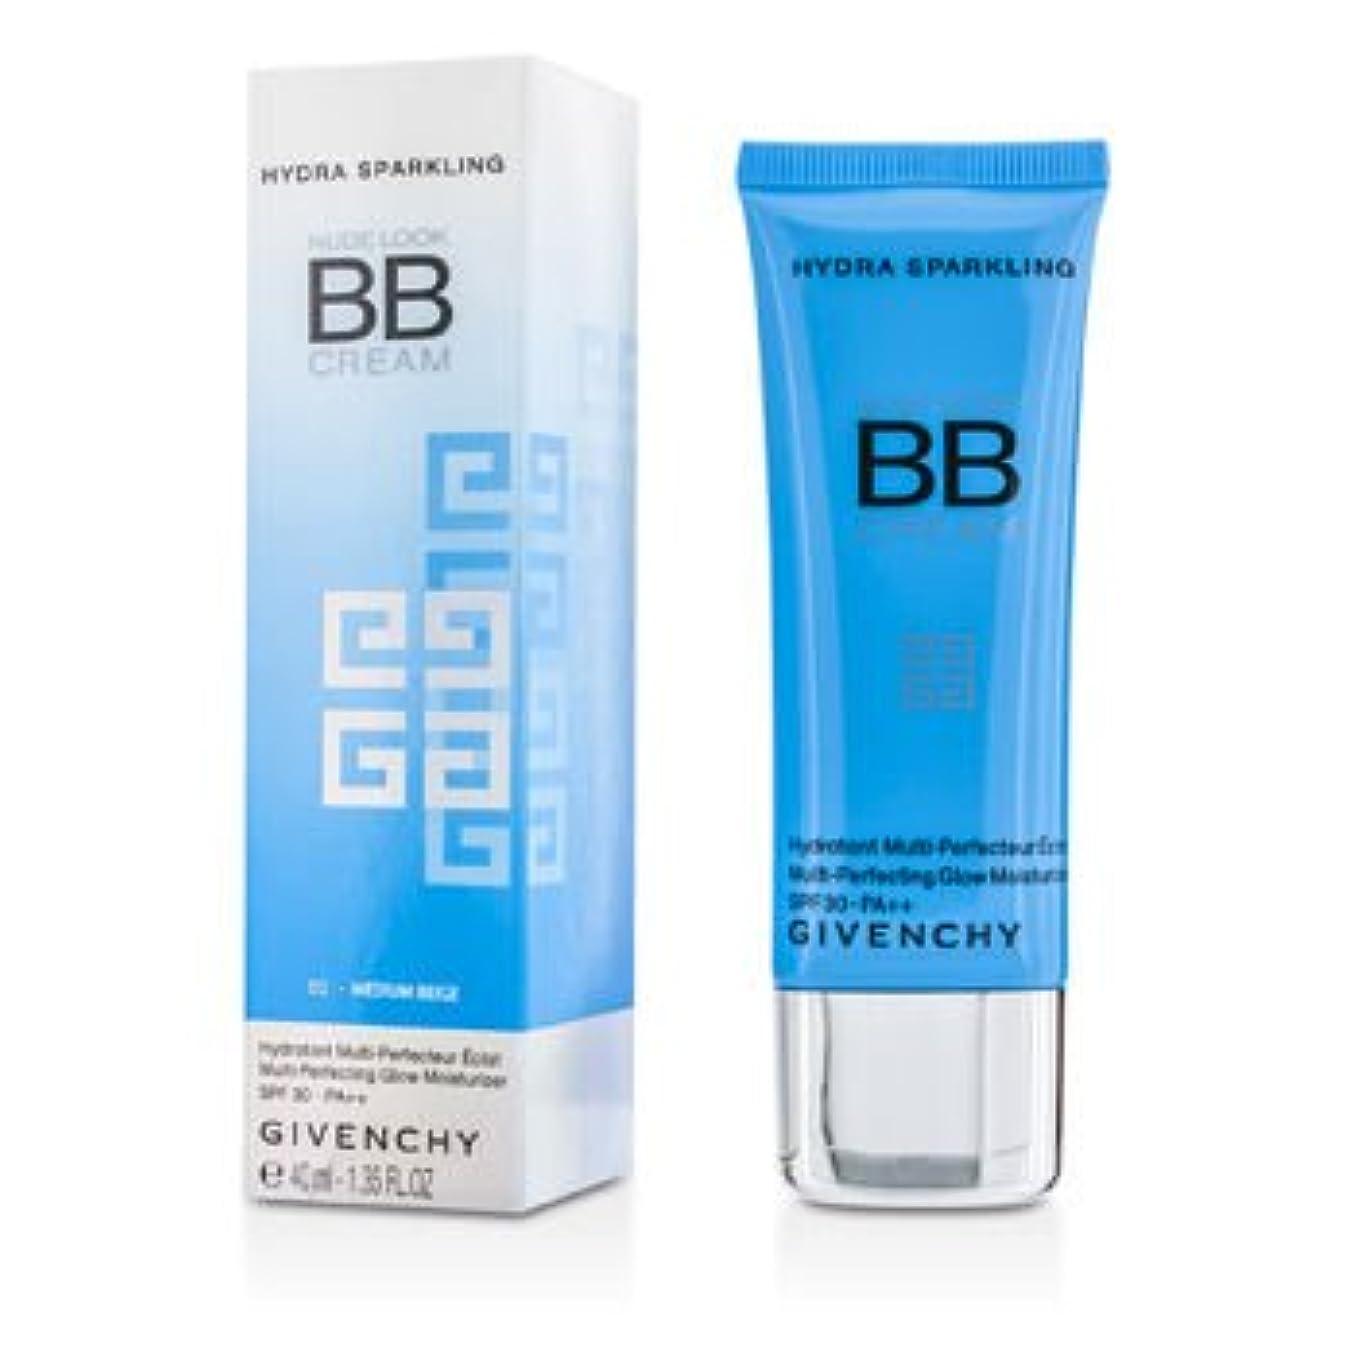 チラチラする後ろ、背後、背面(部ポスター[Givenchy] Nude Look BB Cream Multi-Perfecting Glow Moisturizer SPF 30 PA++ #02 Medium Beige 40ml/1.35oz